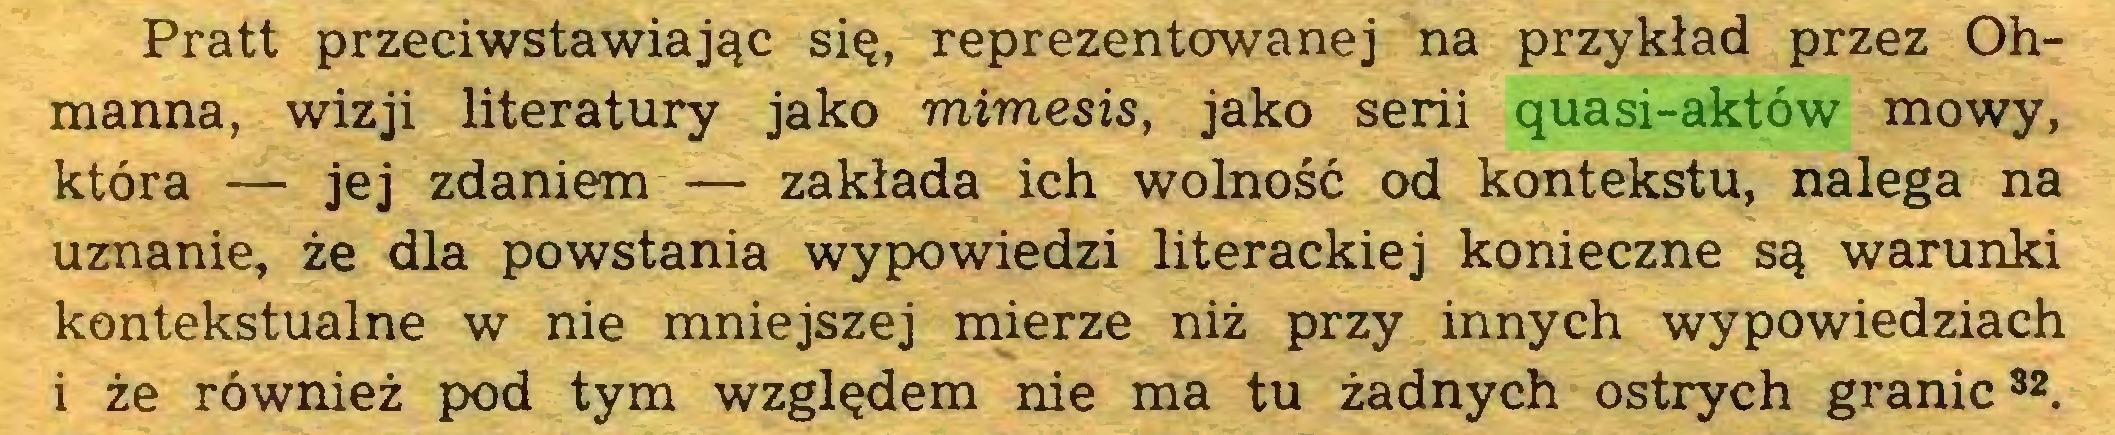 (...) Pratt przeciwstawiając się, reprezentowanej na przykład przez Ohmanna, wizji literatury jako mimesis, jako serii quasi-aktów mowy, która — jej zdaniem — zakłada ich wolność od kontekstu, nalega na uznanie, że dla powstania wypowiedzi literackiej konieczne są warunki kontekstualne w nie mniejszej mierze niż przy innych wypowiedziach i że również pod tym względem nie ma tu żadnych ostrych granic82...